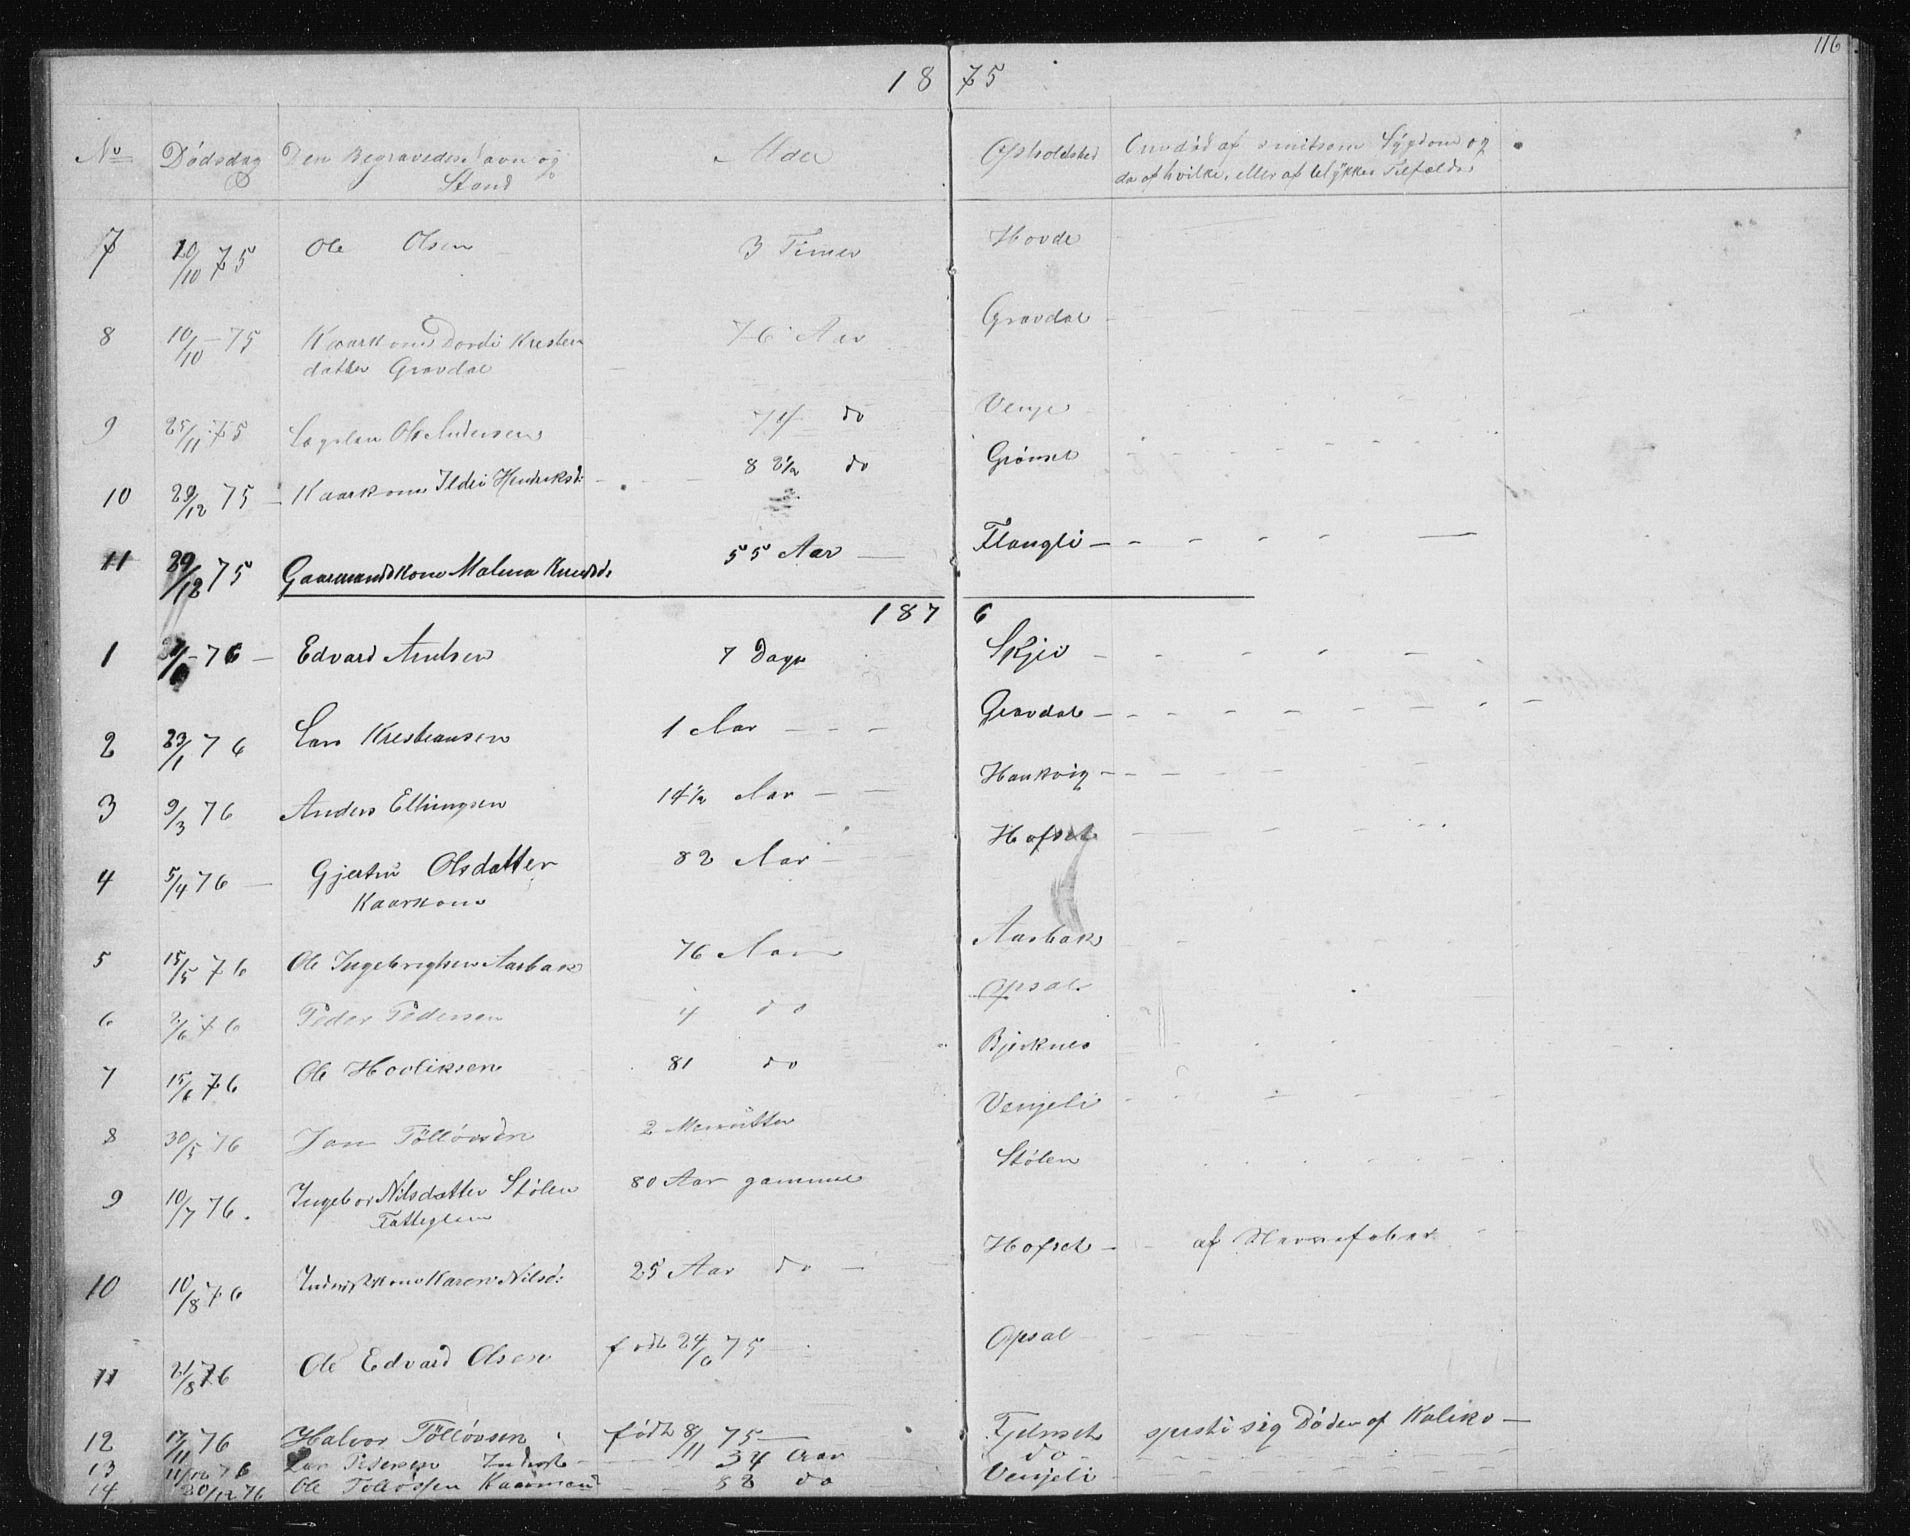 SAT, Ministerialprotokoller, klokkerbøker og fødselsregistre - Sør-Trøndelag, 631/L0513: Klokkerbok nr. 631C01, 1869-1879, s. 116